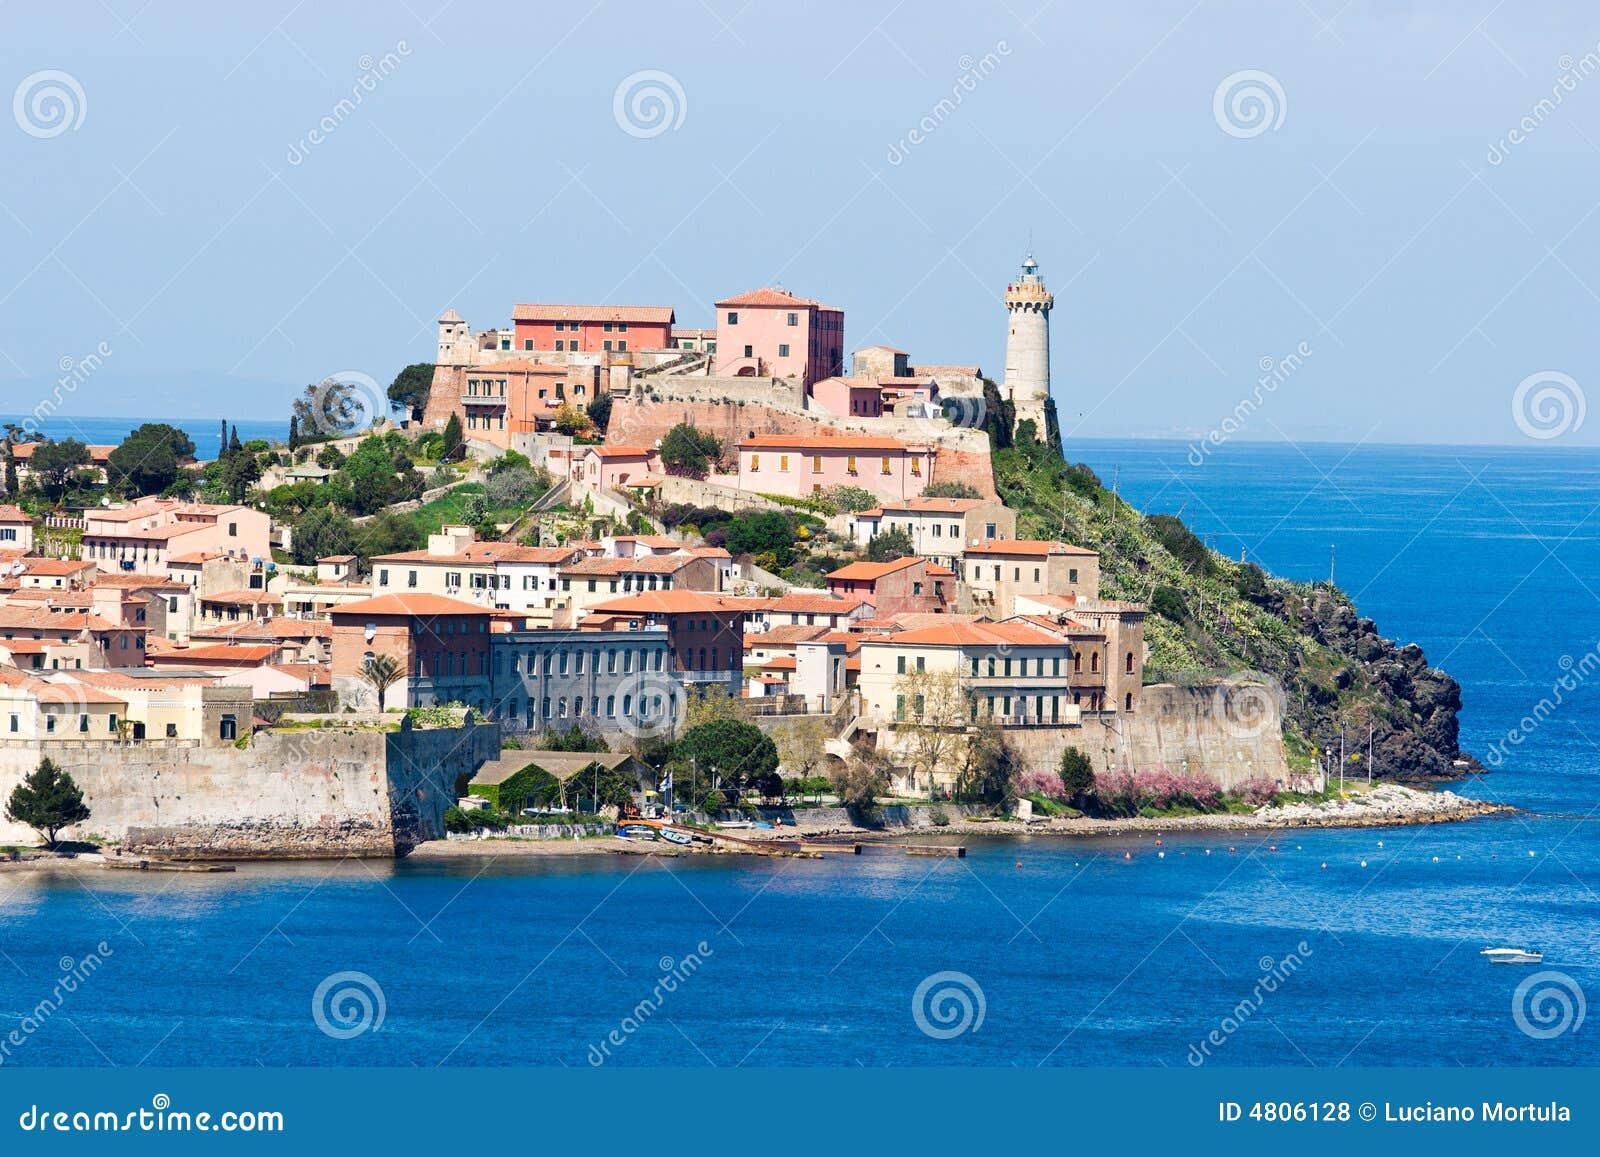 Portoferraio, Insel von Elba, Italien.